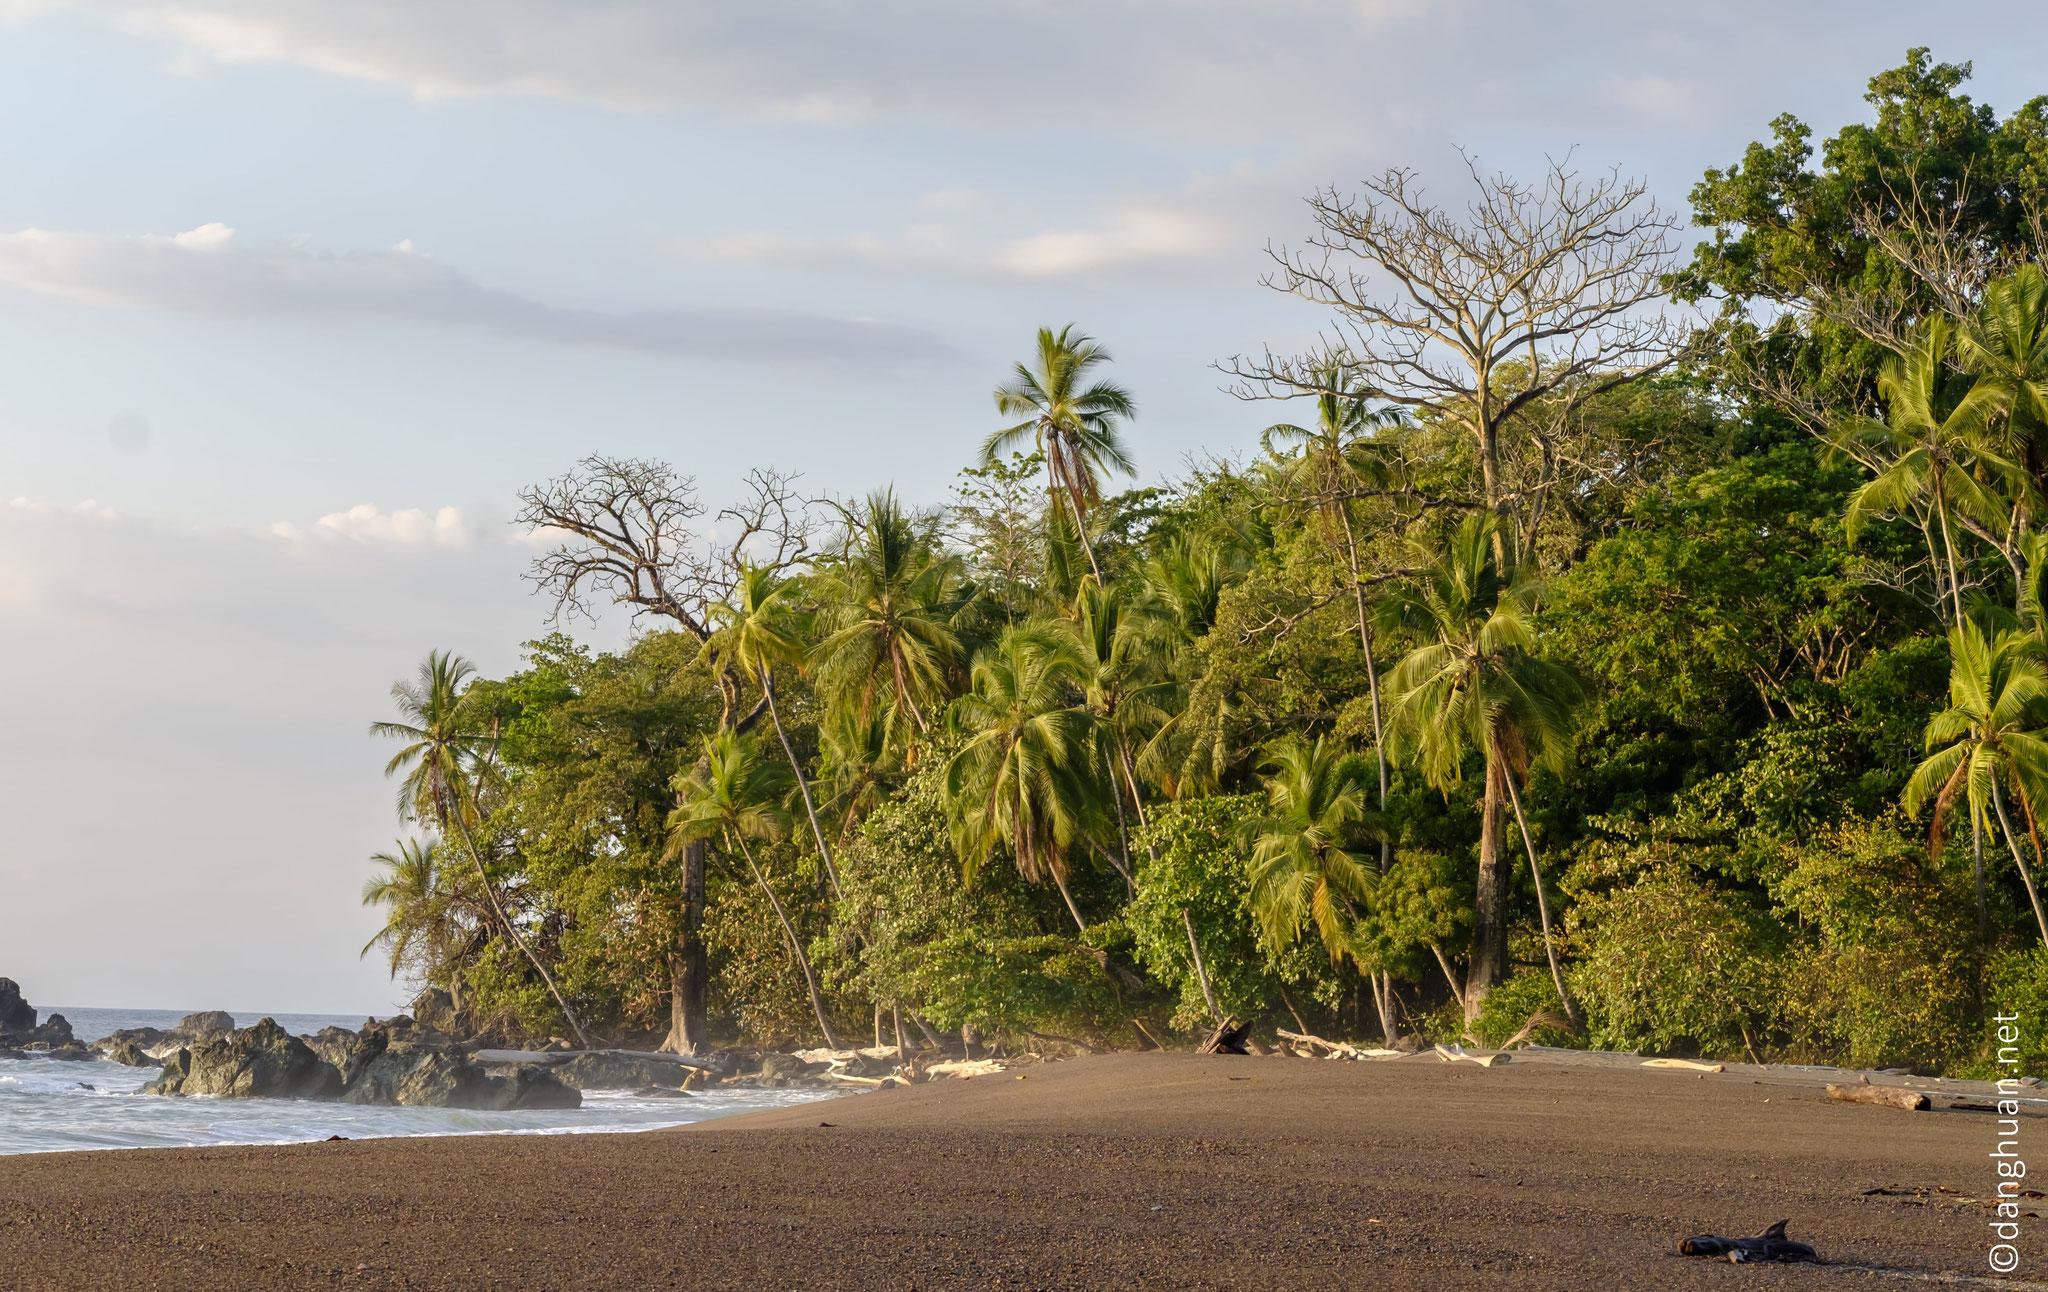 le long de la côte dans la fôret du littoral de la pénisule d'Osa